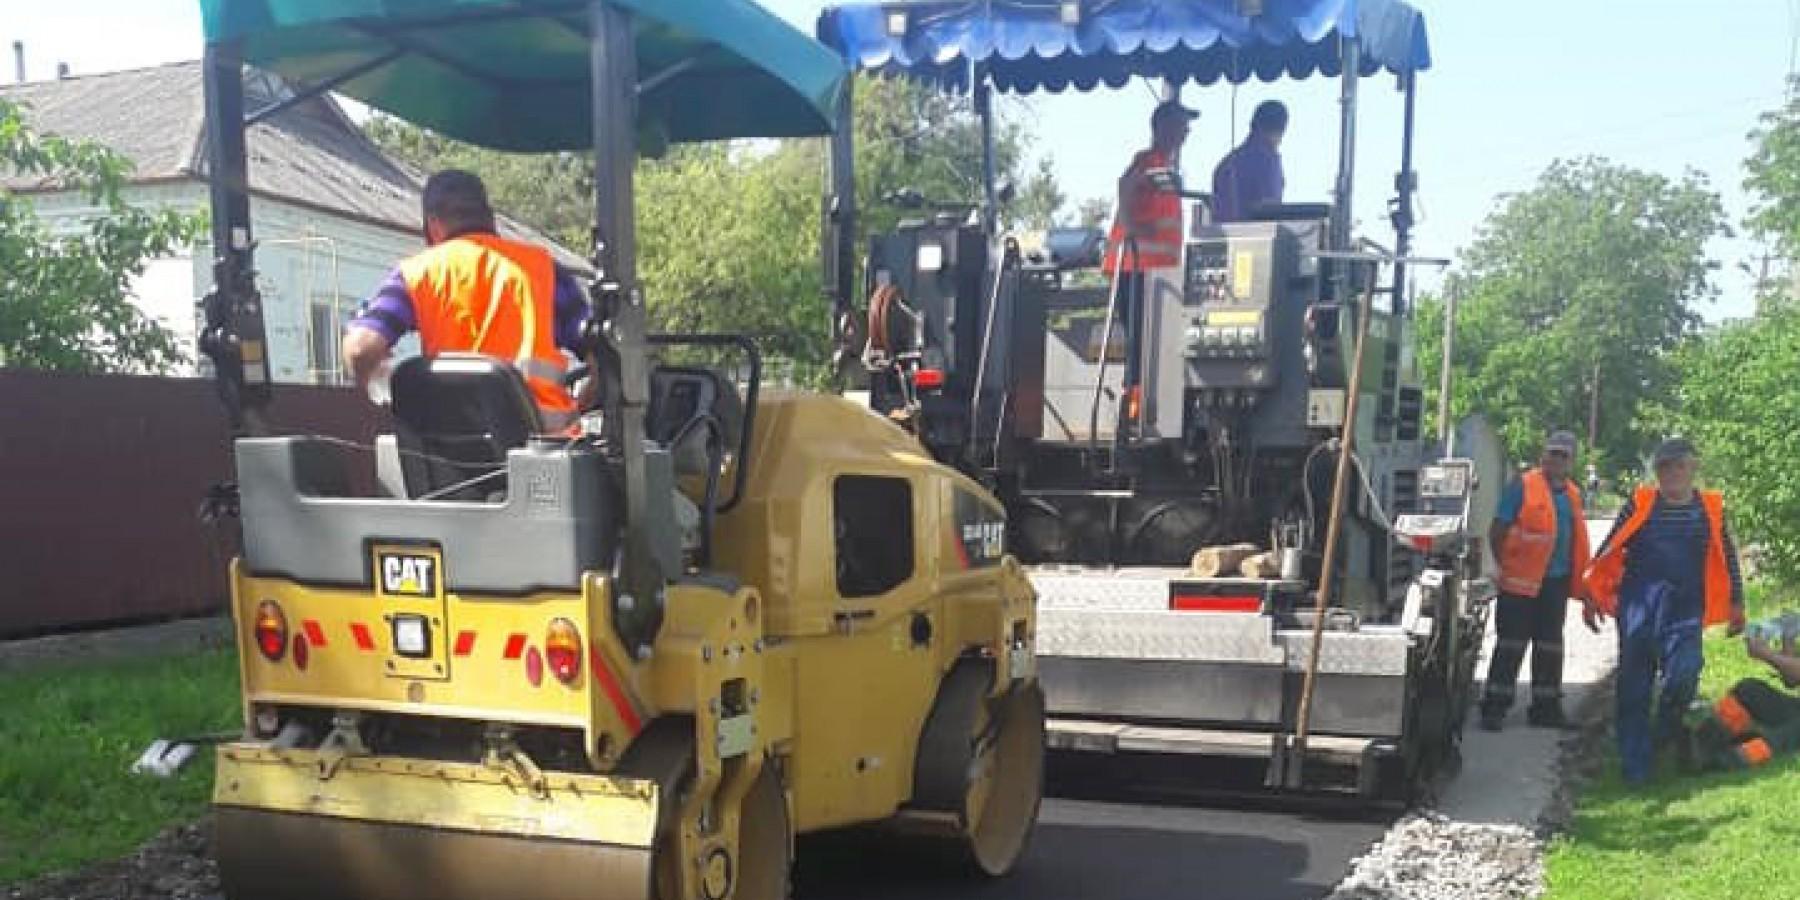 22 червня розпочалися ремонтні роботи по вулиці Дружби в селі Ладижинка